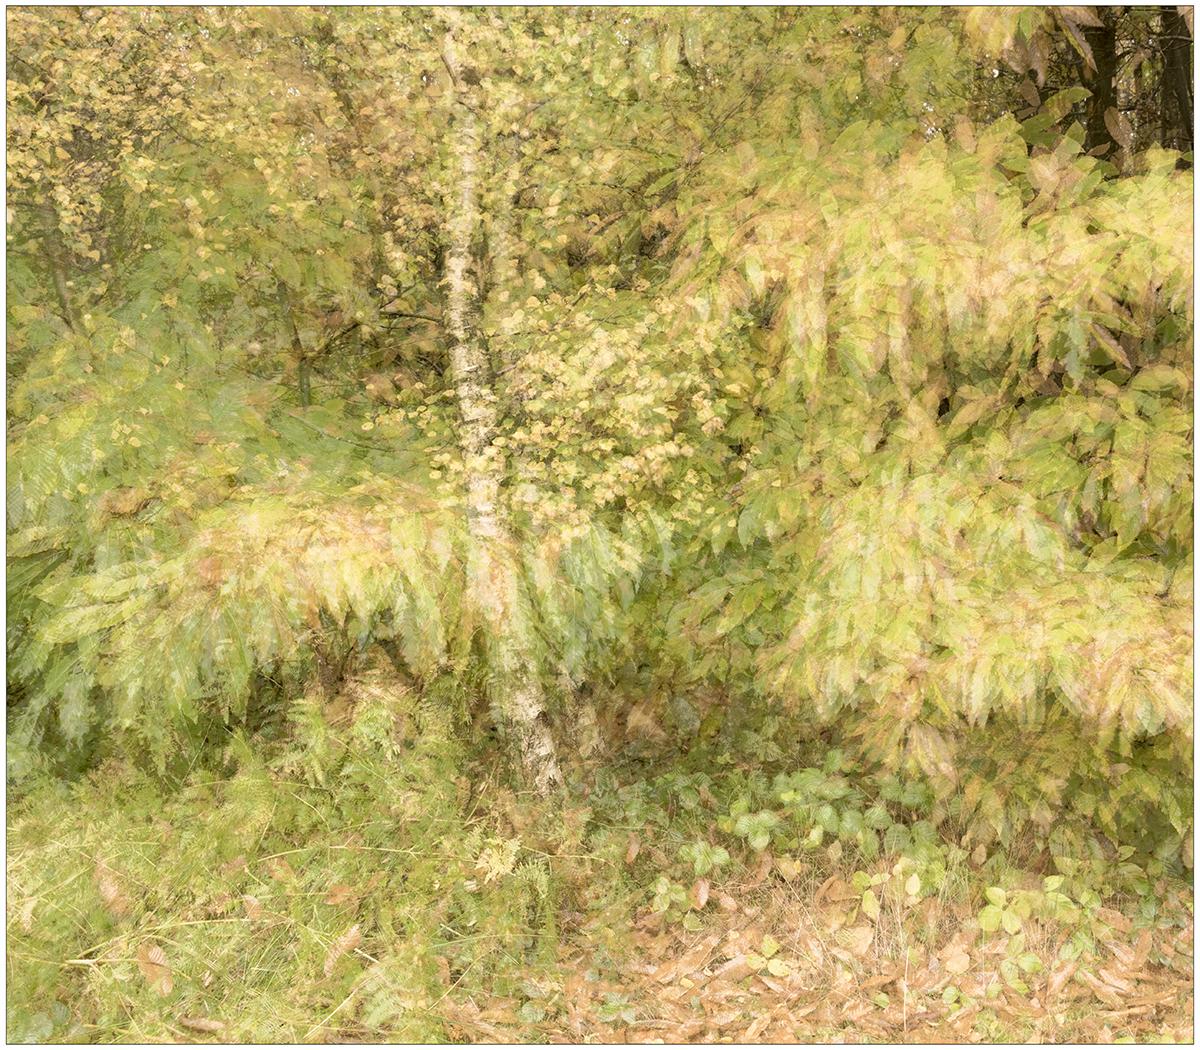 Autumn, Multiple Exposure In Camera